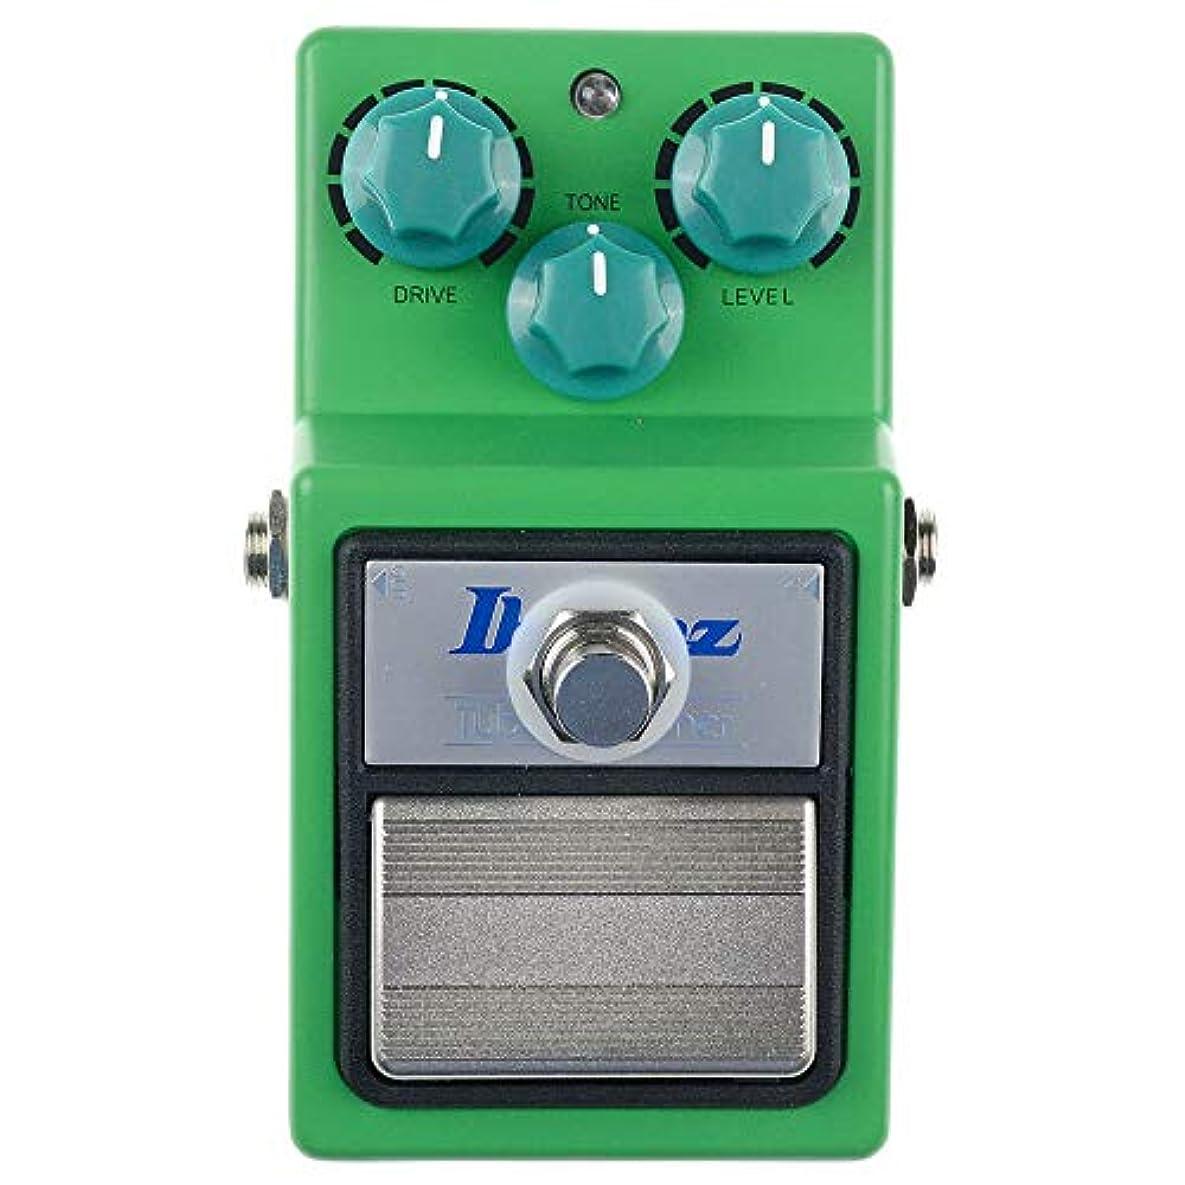 世論調査はしごパレードJHS Pedal Mod Shop Ibanez TS9 Strong Mod + True Bypass オーバードライブ [並行輸入品]